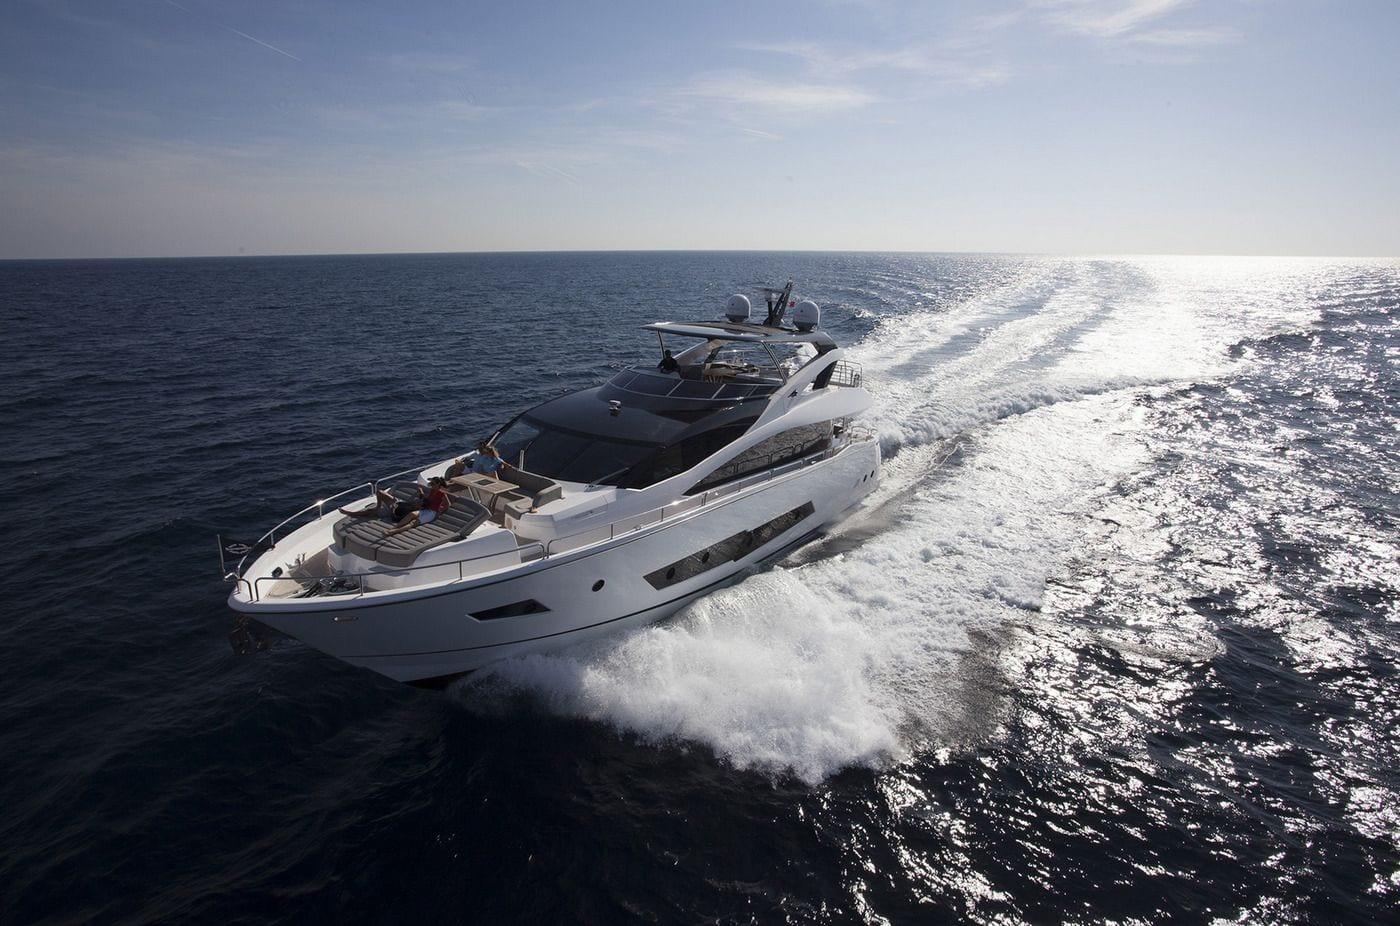 יאכטה Sunseeker Yacht 86 - סטרים יאכטות